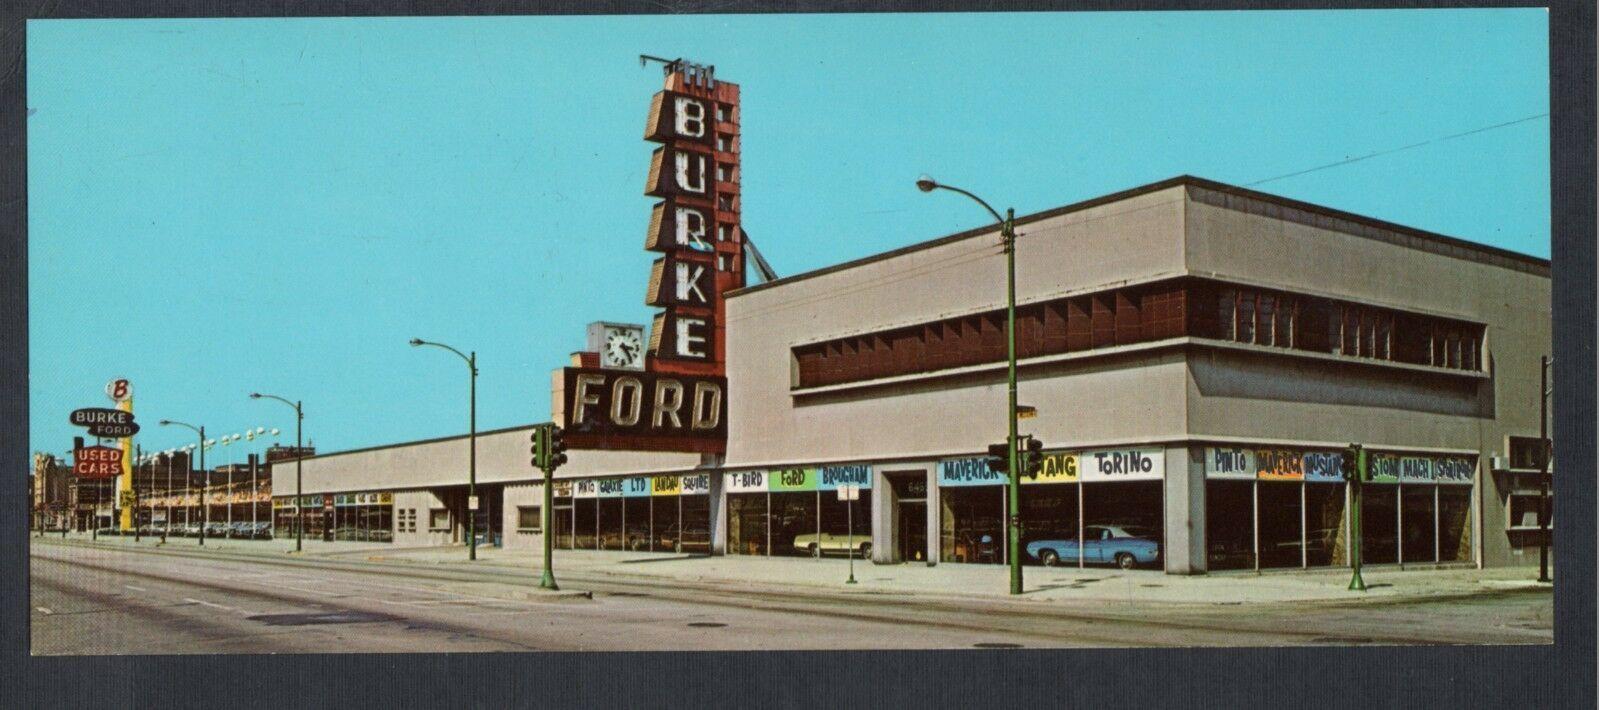 Burke Ford Dealership, Chicago, Illinois | Vintage Car ...